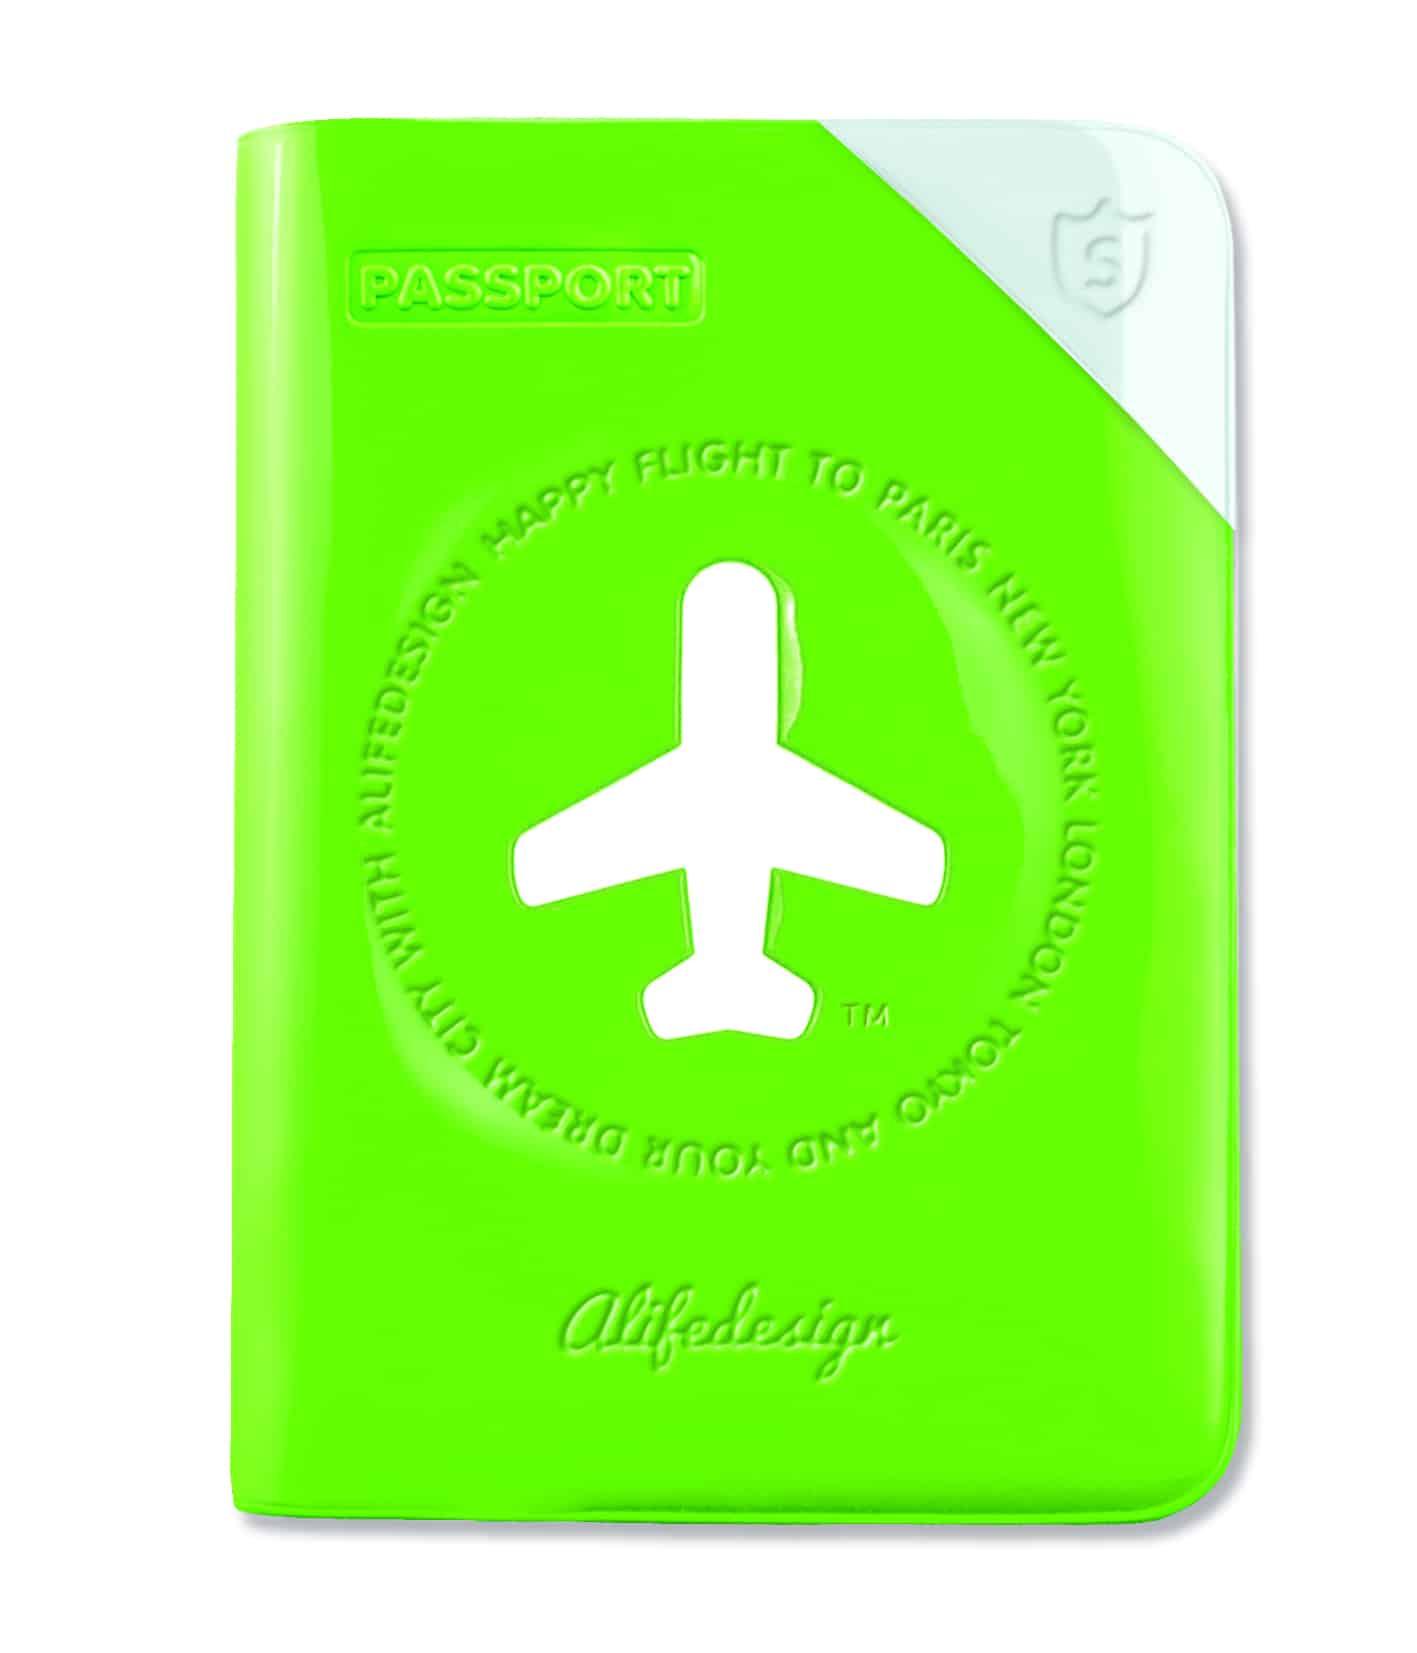 מגן דרכון לטיסה רגועה